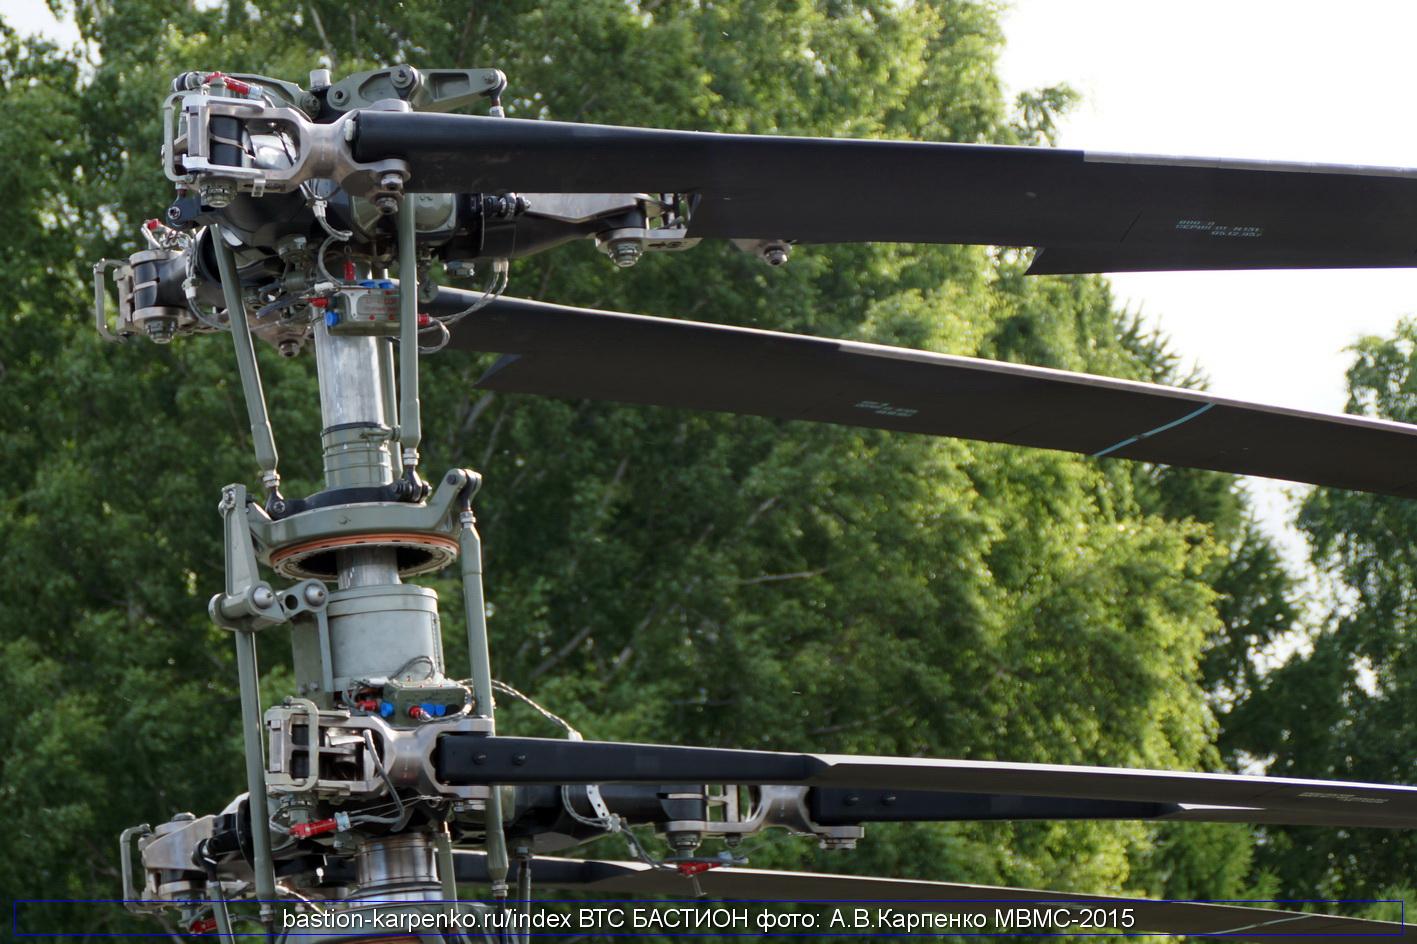 ka-52k_mvms-2015_50.JPG